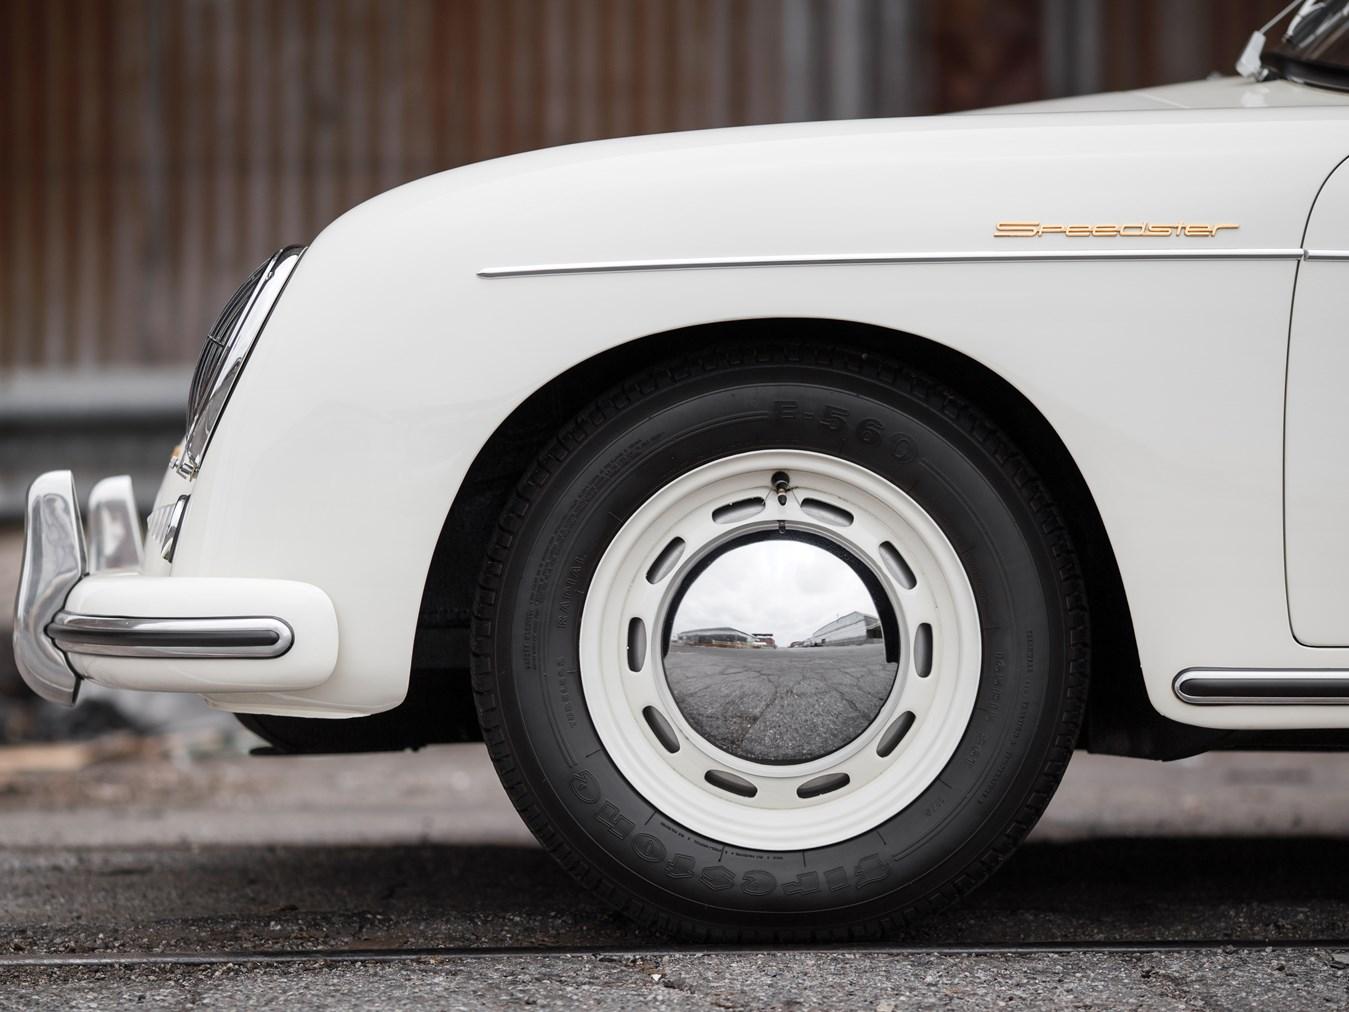 1956 Porsche 356 A 1600 Speedster by Reutter